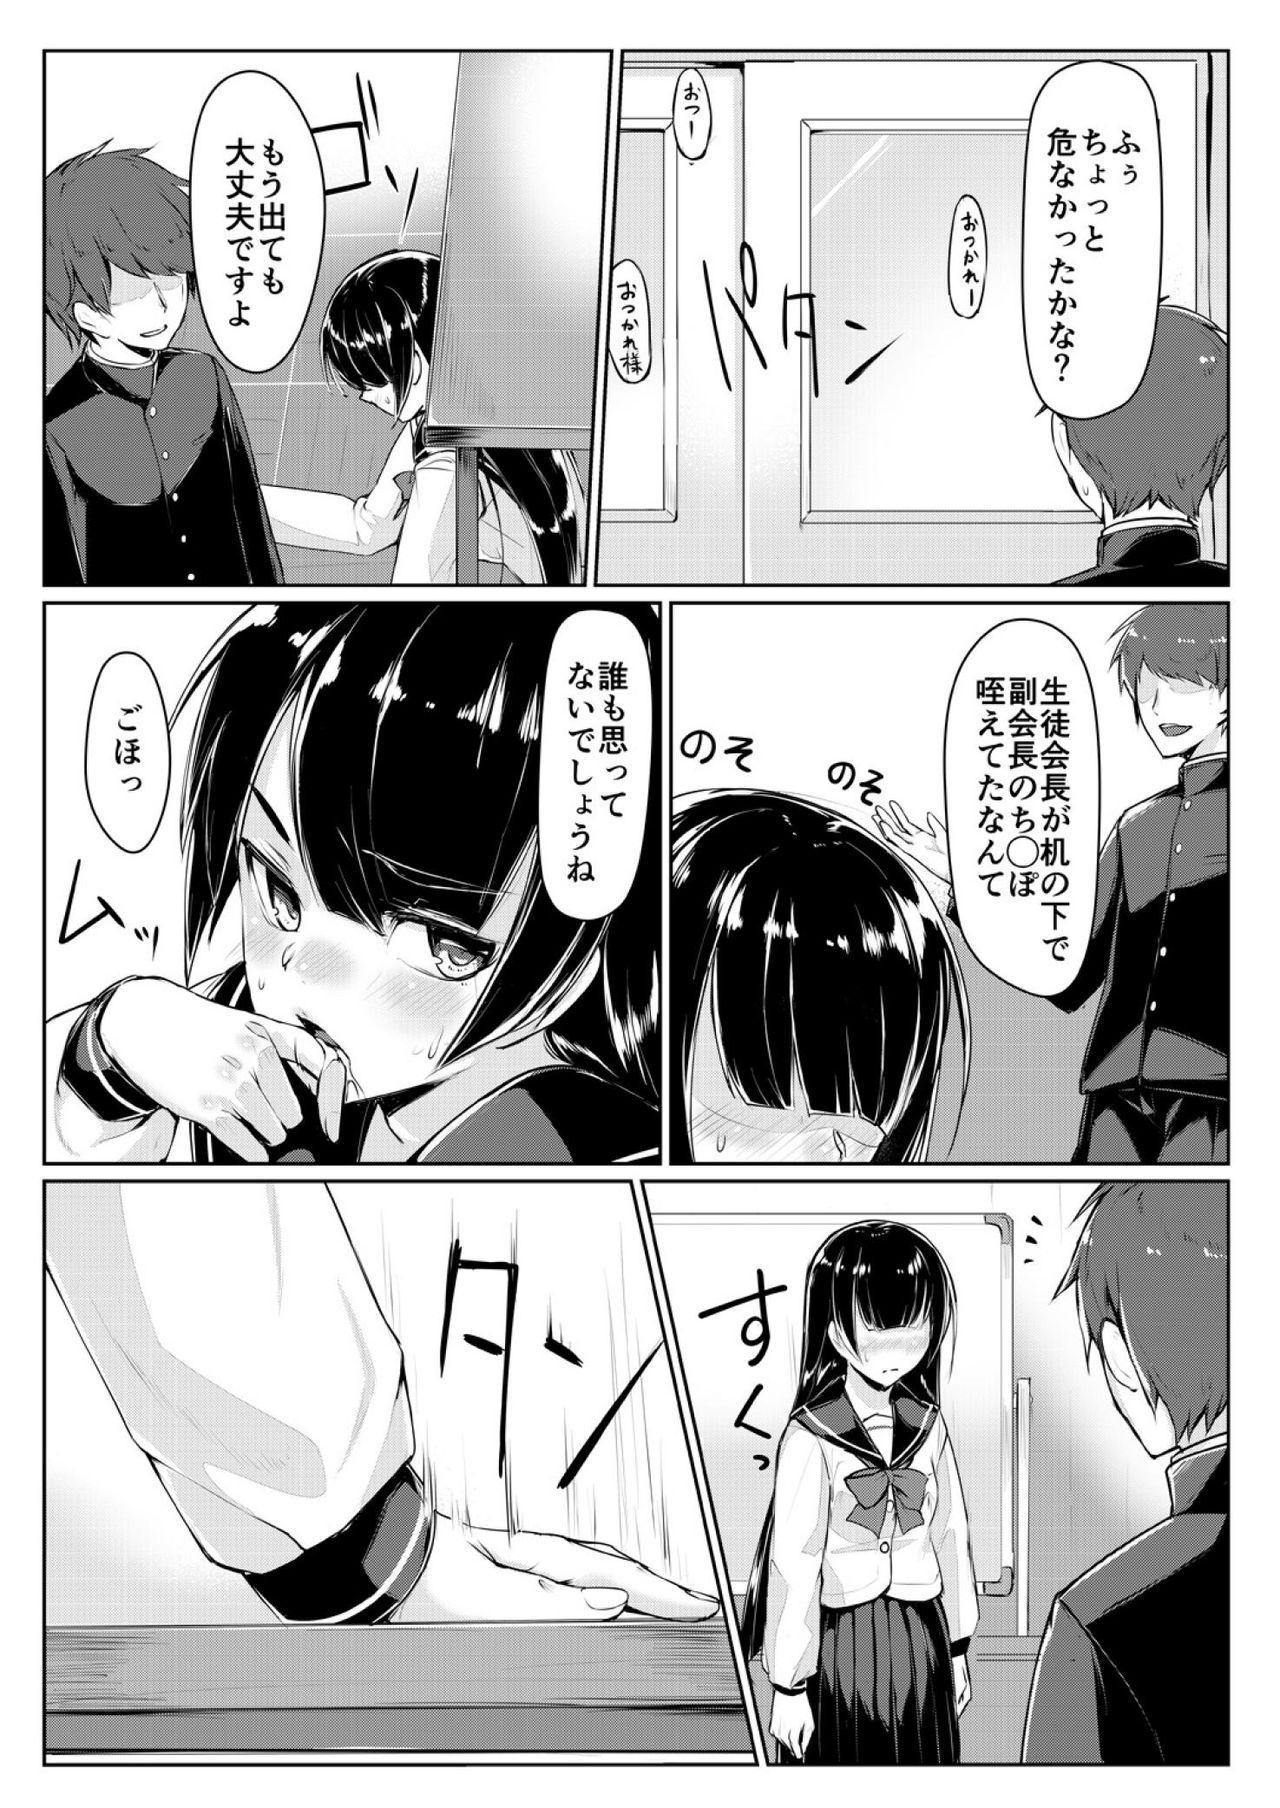 Dosukebe na Seitokaichou o Choukyou Shite yatta ~Minna no Mae de Koukai Onanie!? 13